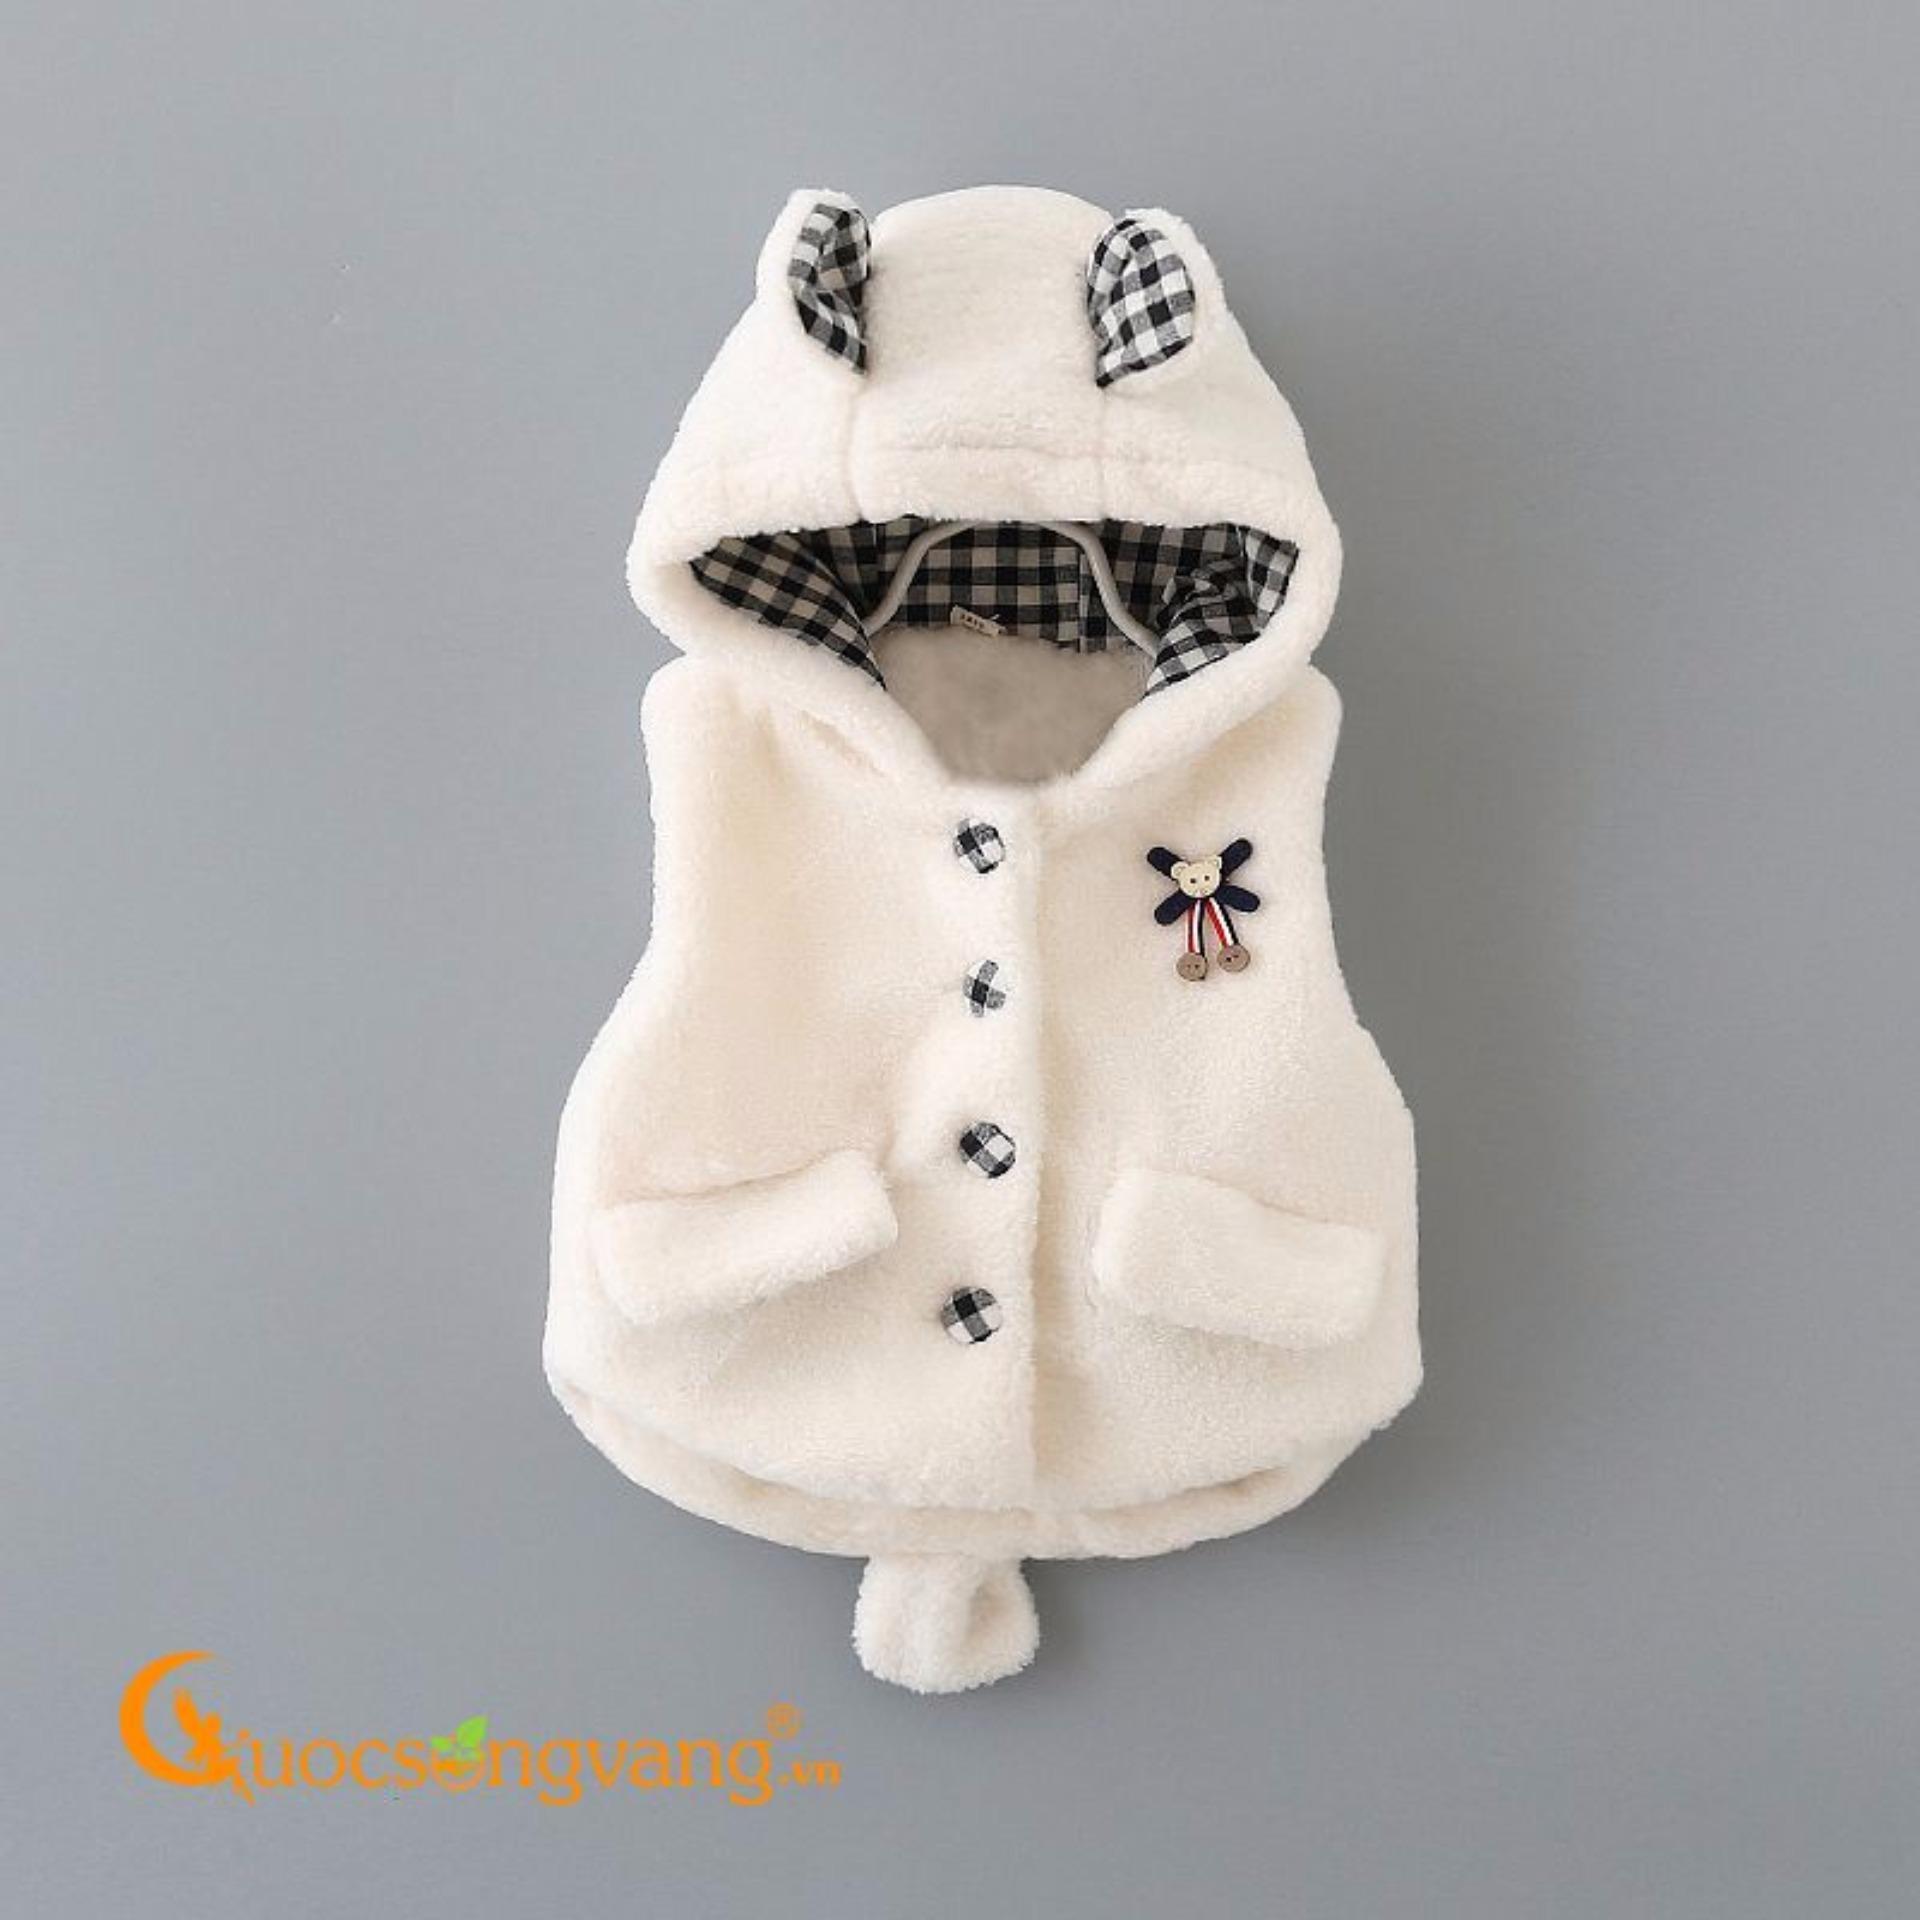 Áo khoác trẻ em áo khoác lông trẻ em hình gấu GLA054-White